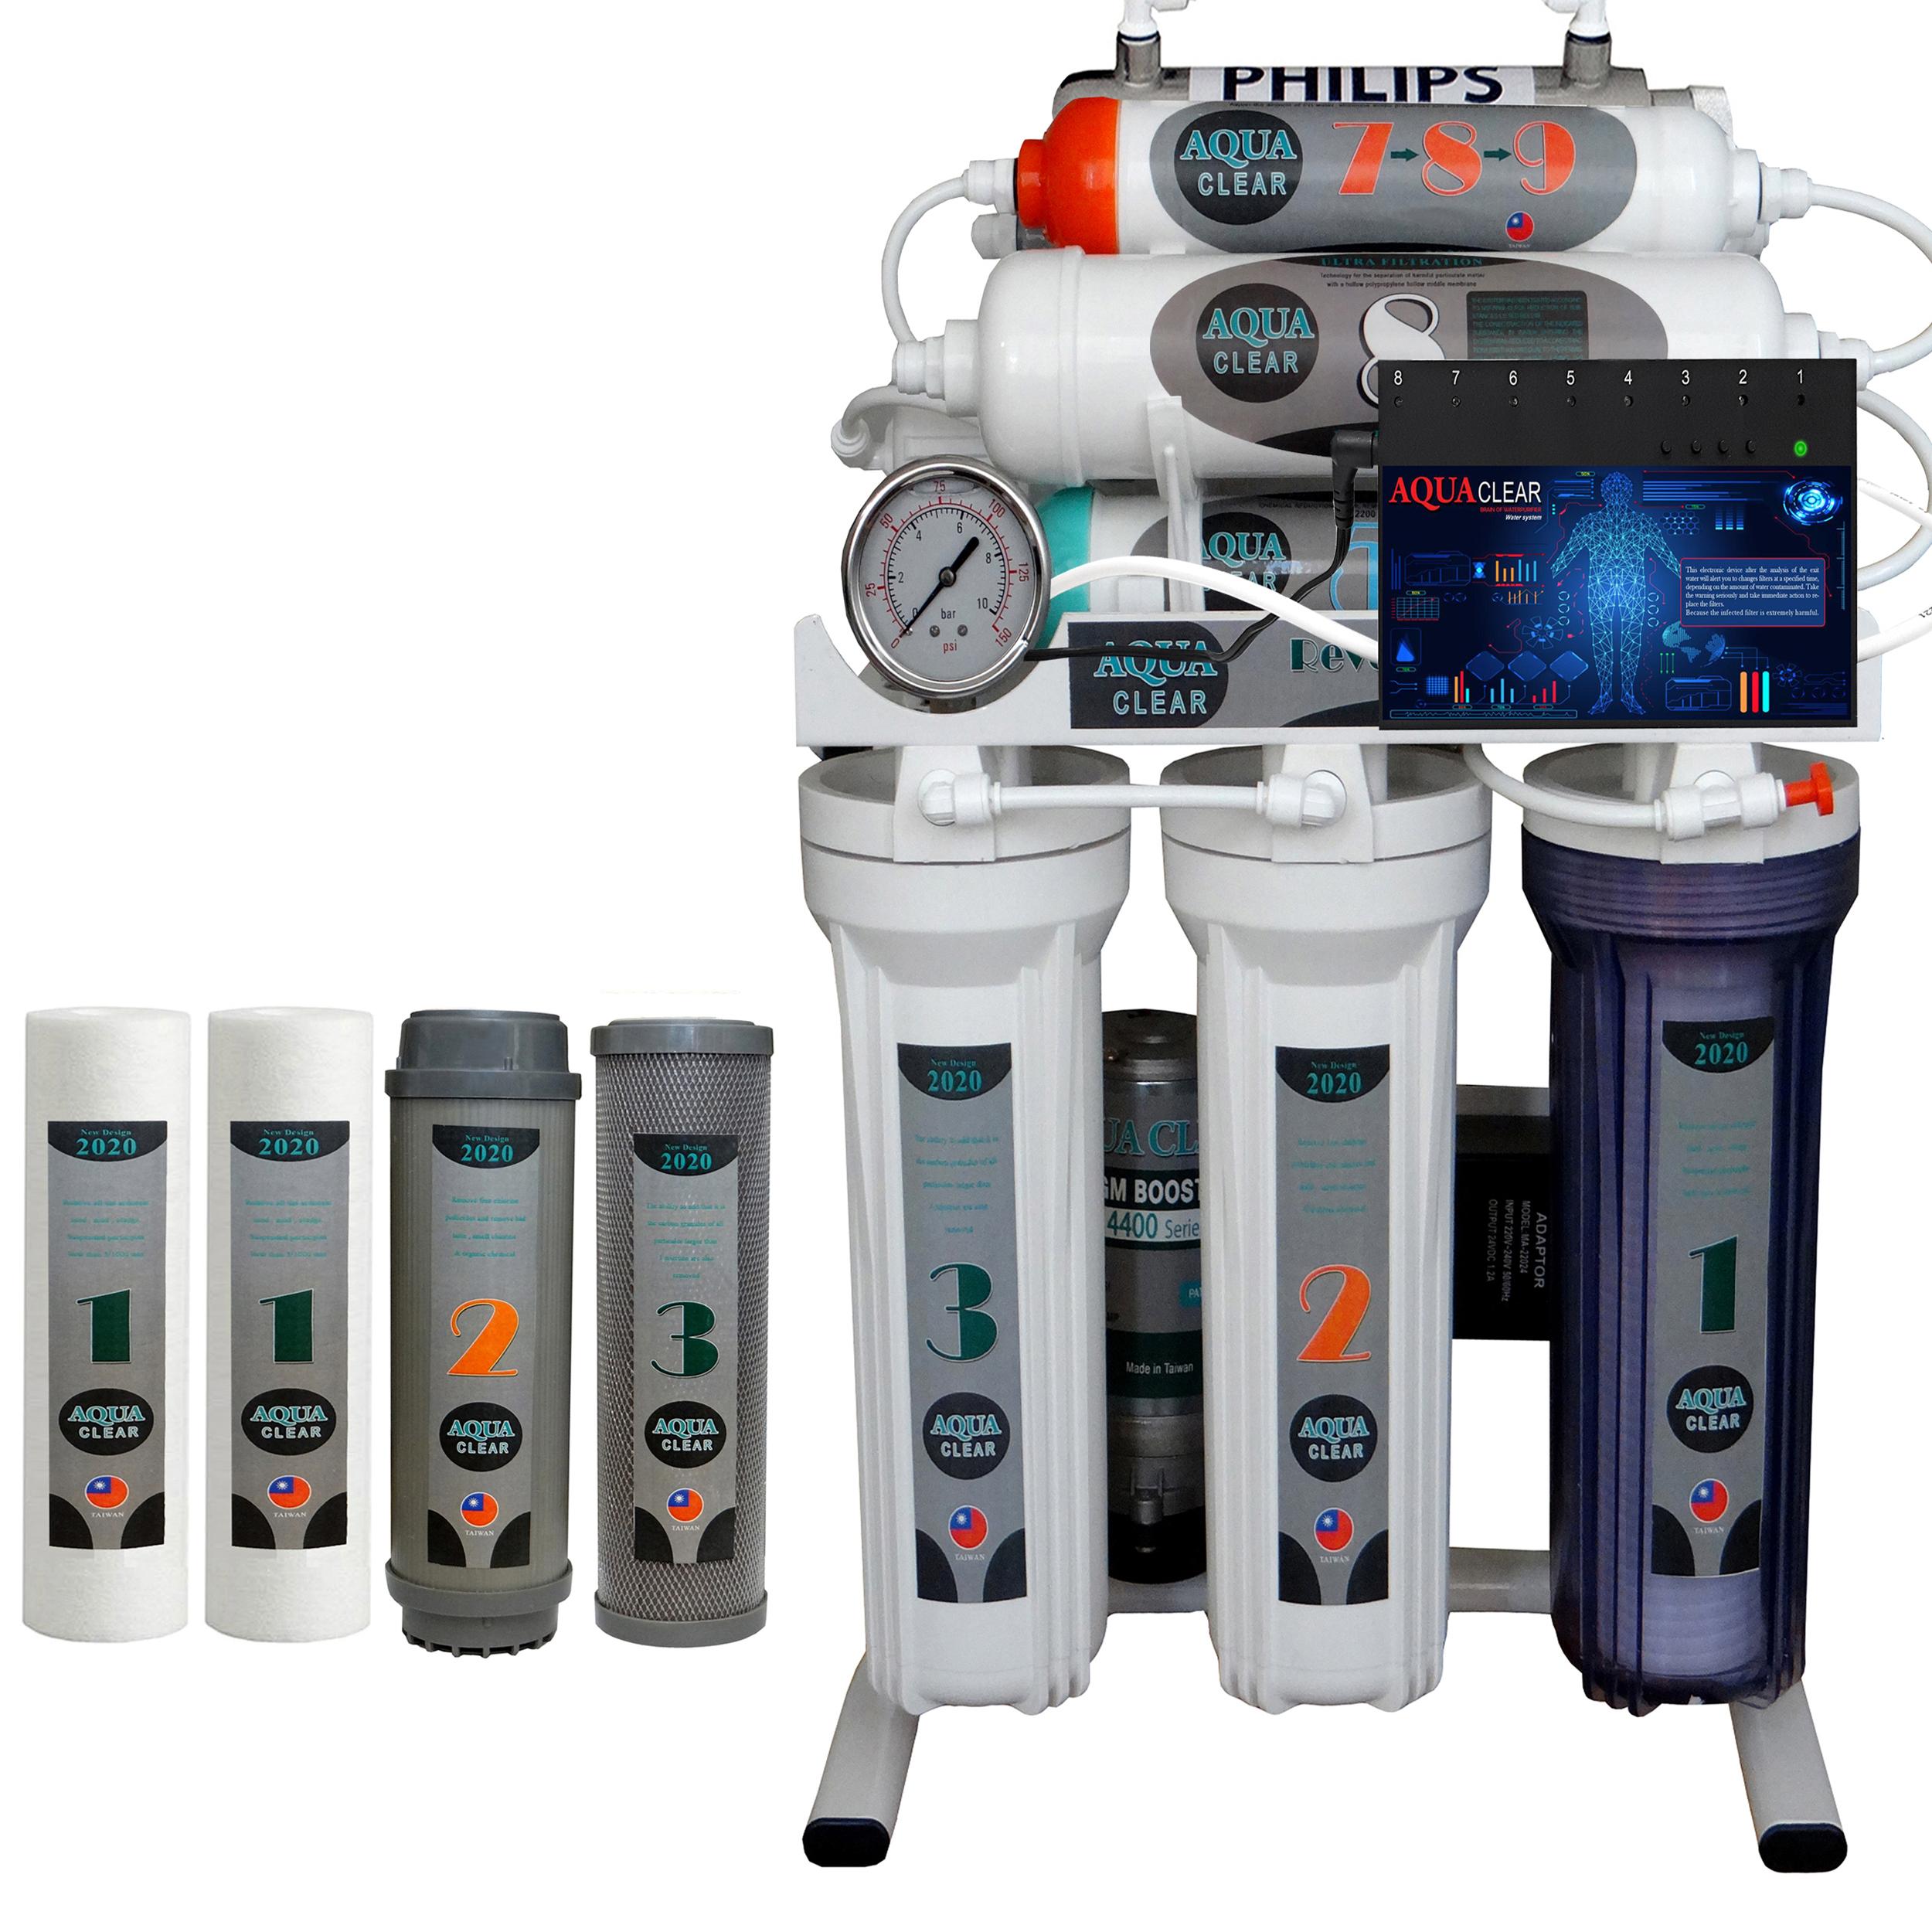 دستگاه تصفیه کننده آب آکوآ کلیر مدل NEWDESIGN 2020 - IAFX10  به همراه فیلتر مجموعه 4 عددی